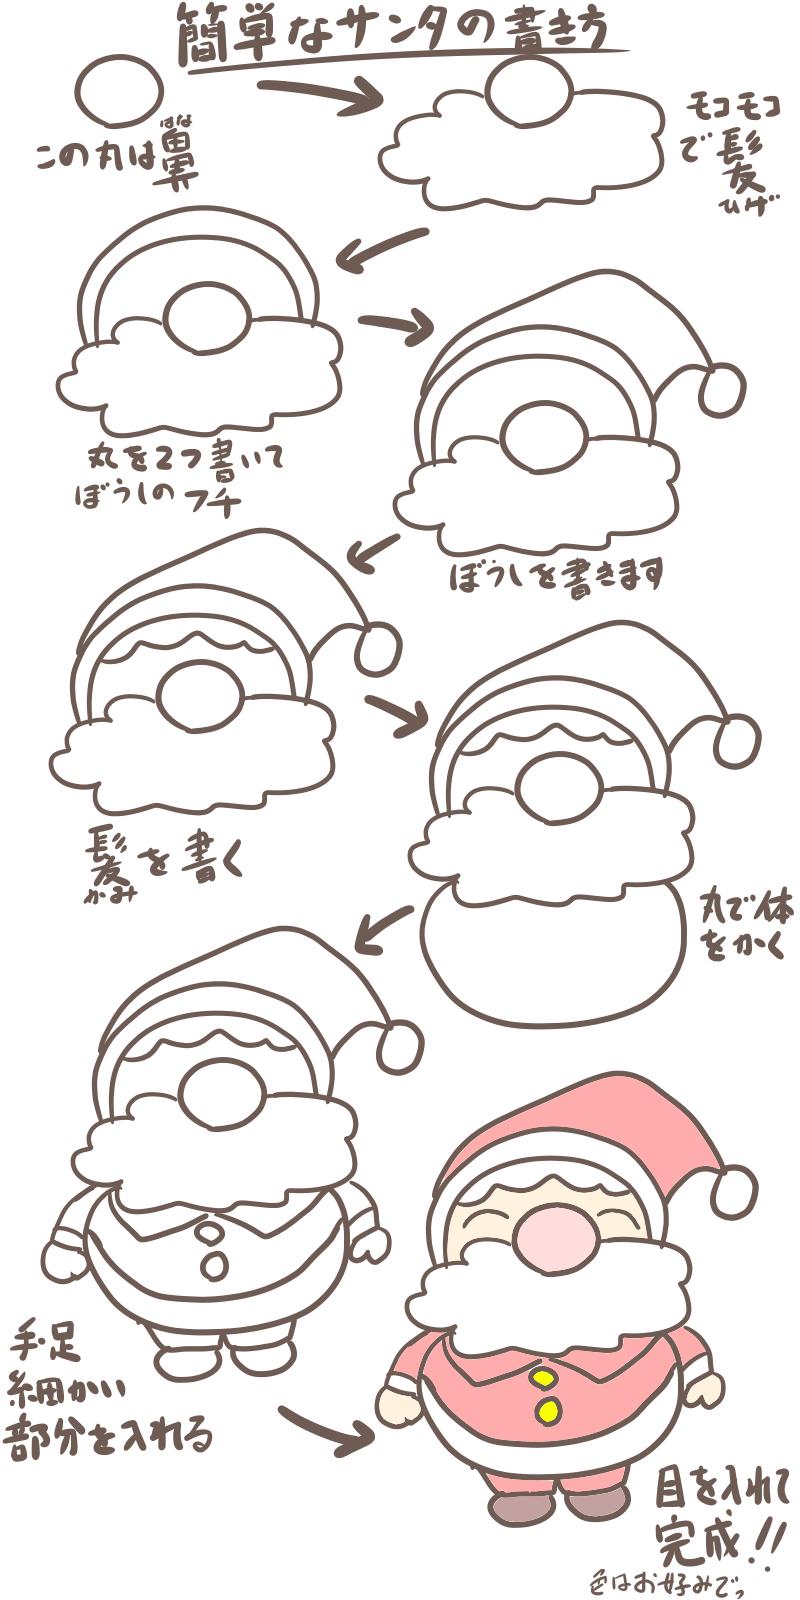 サンタクロースの描き方 Xmas サンタクロース イラストクリスマス